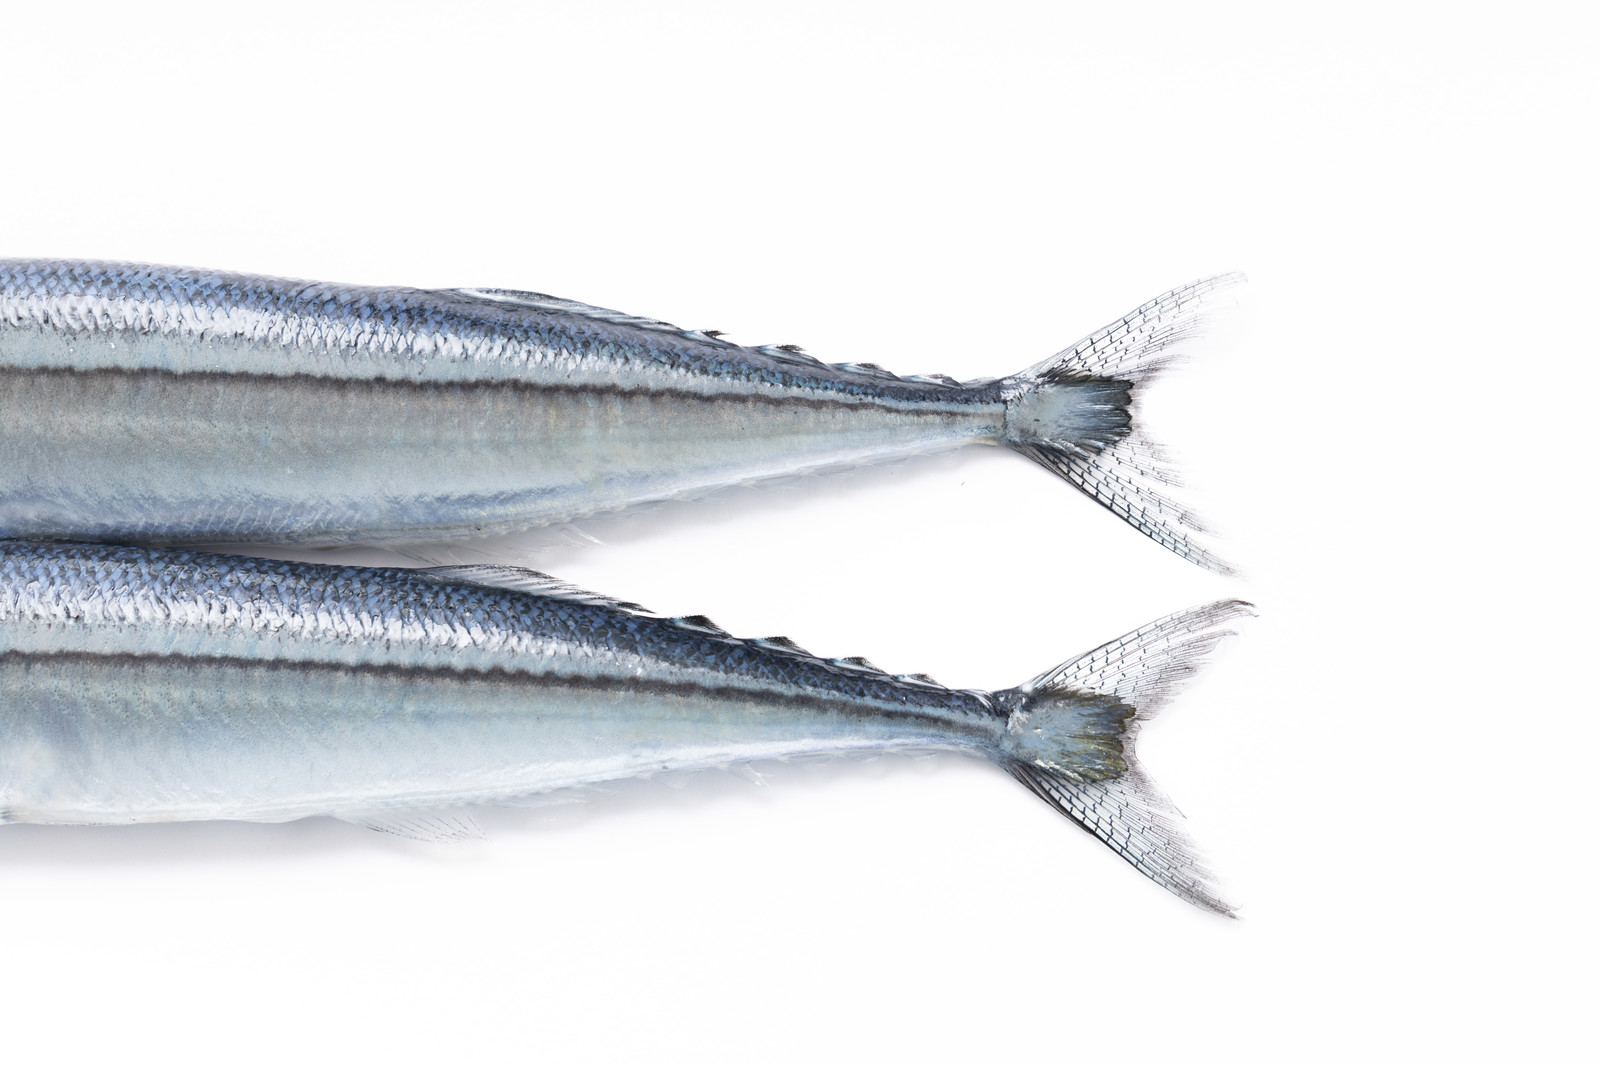 「秋刀魚の尾びれ」の写真